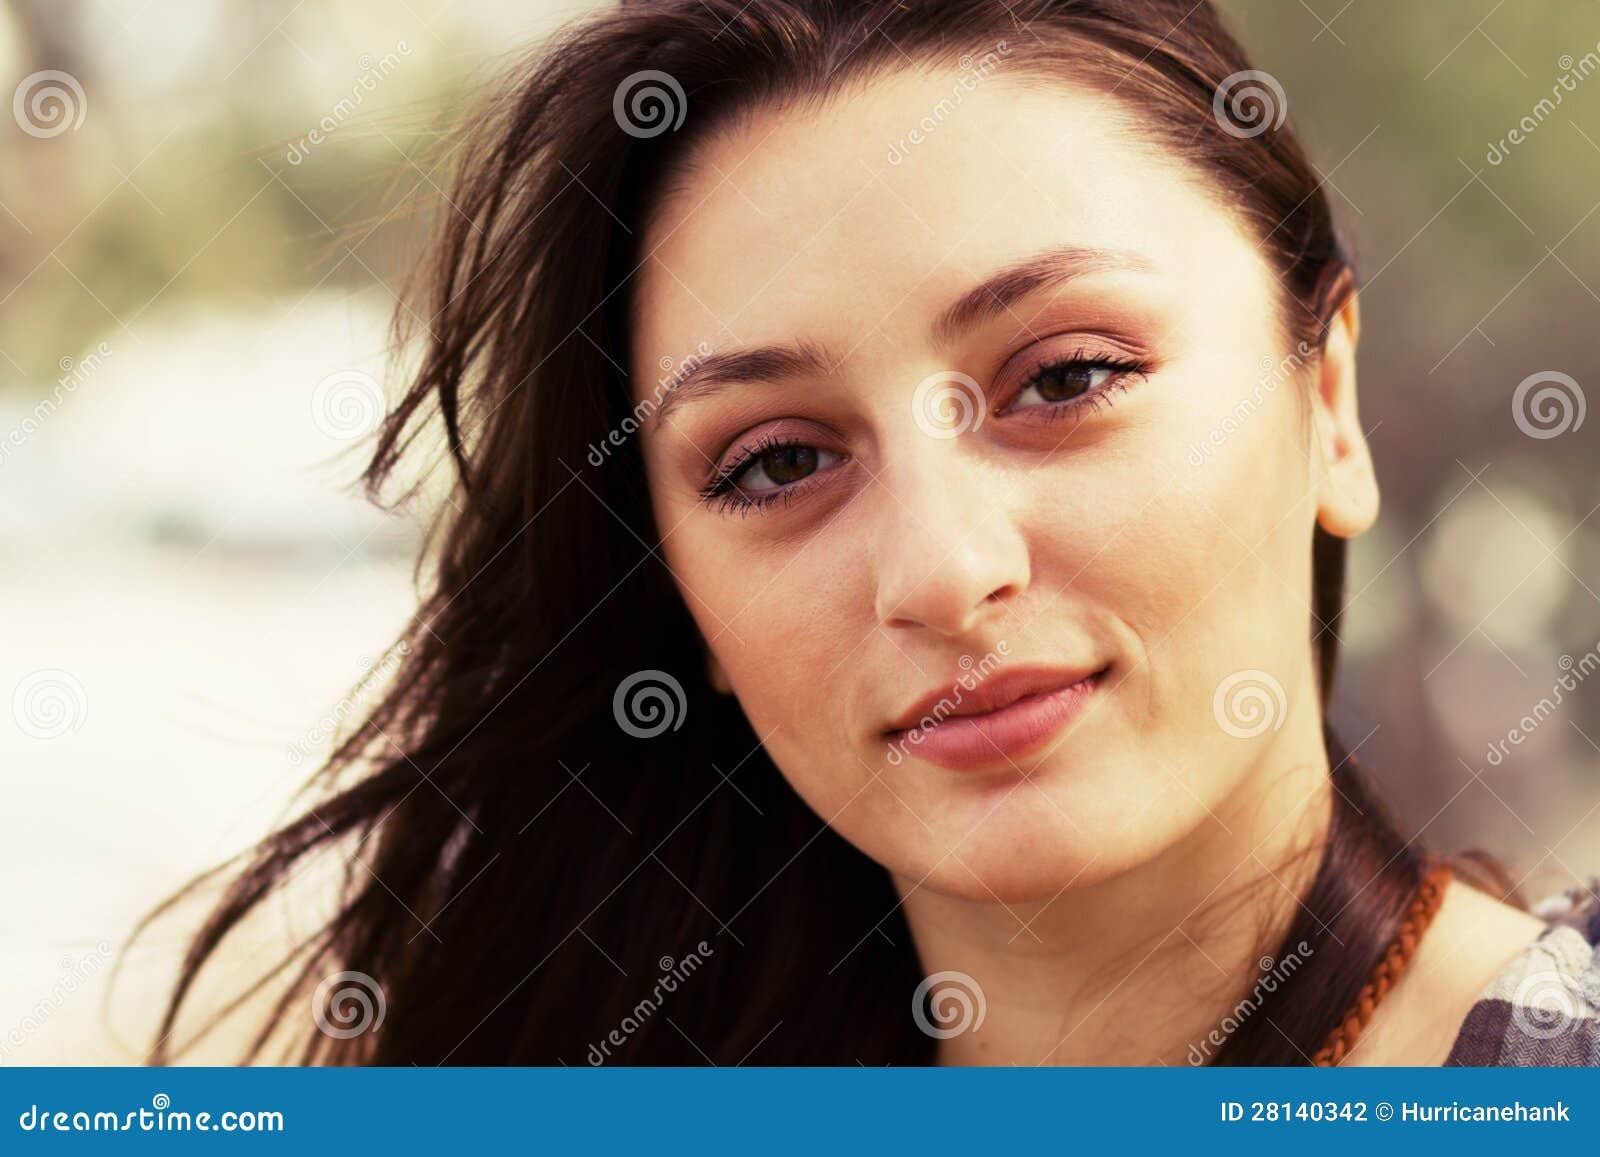 Purenudism close up